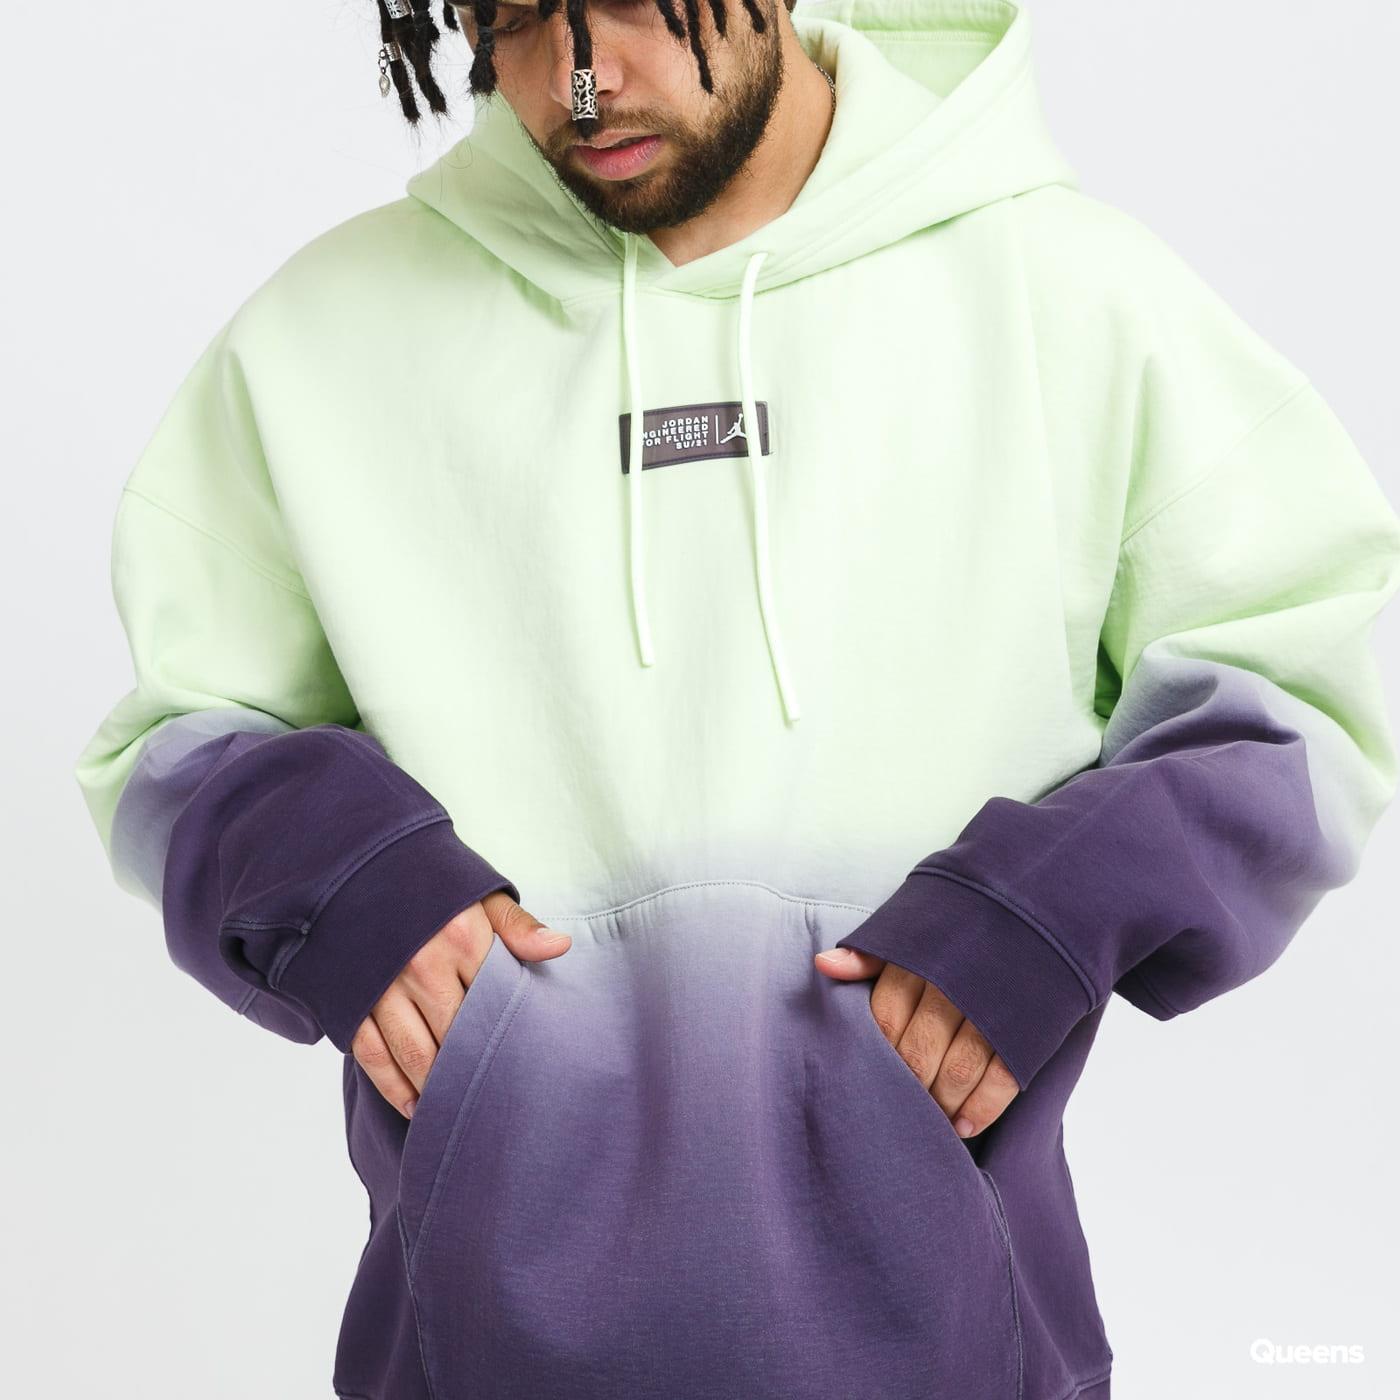 Jordan M J 23ENG Fleece Top light green / purple